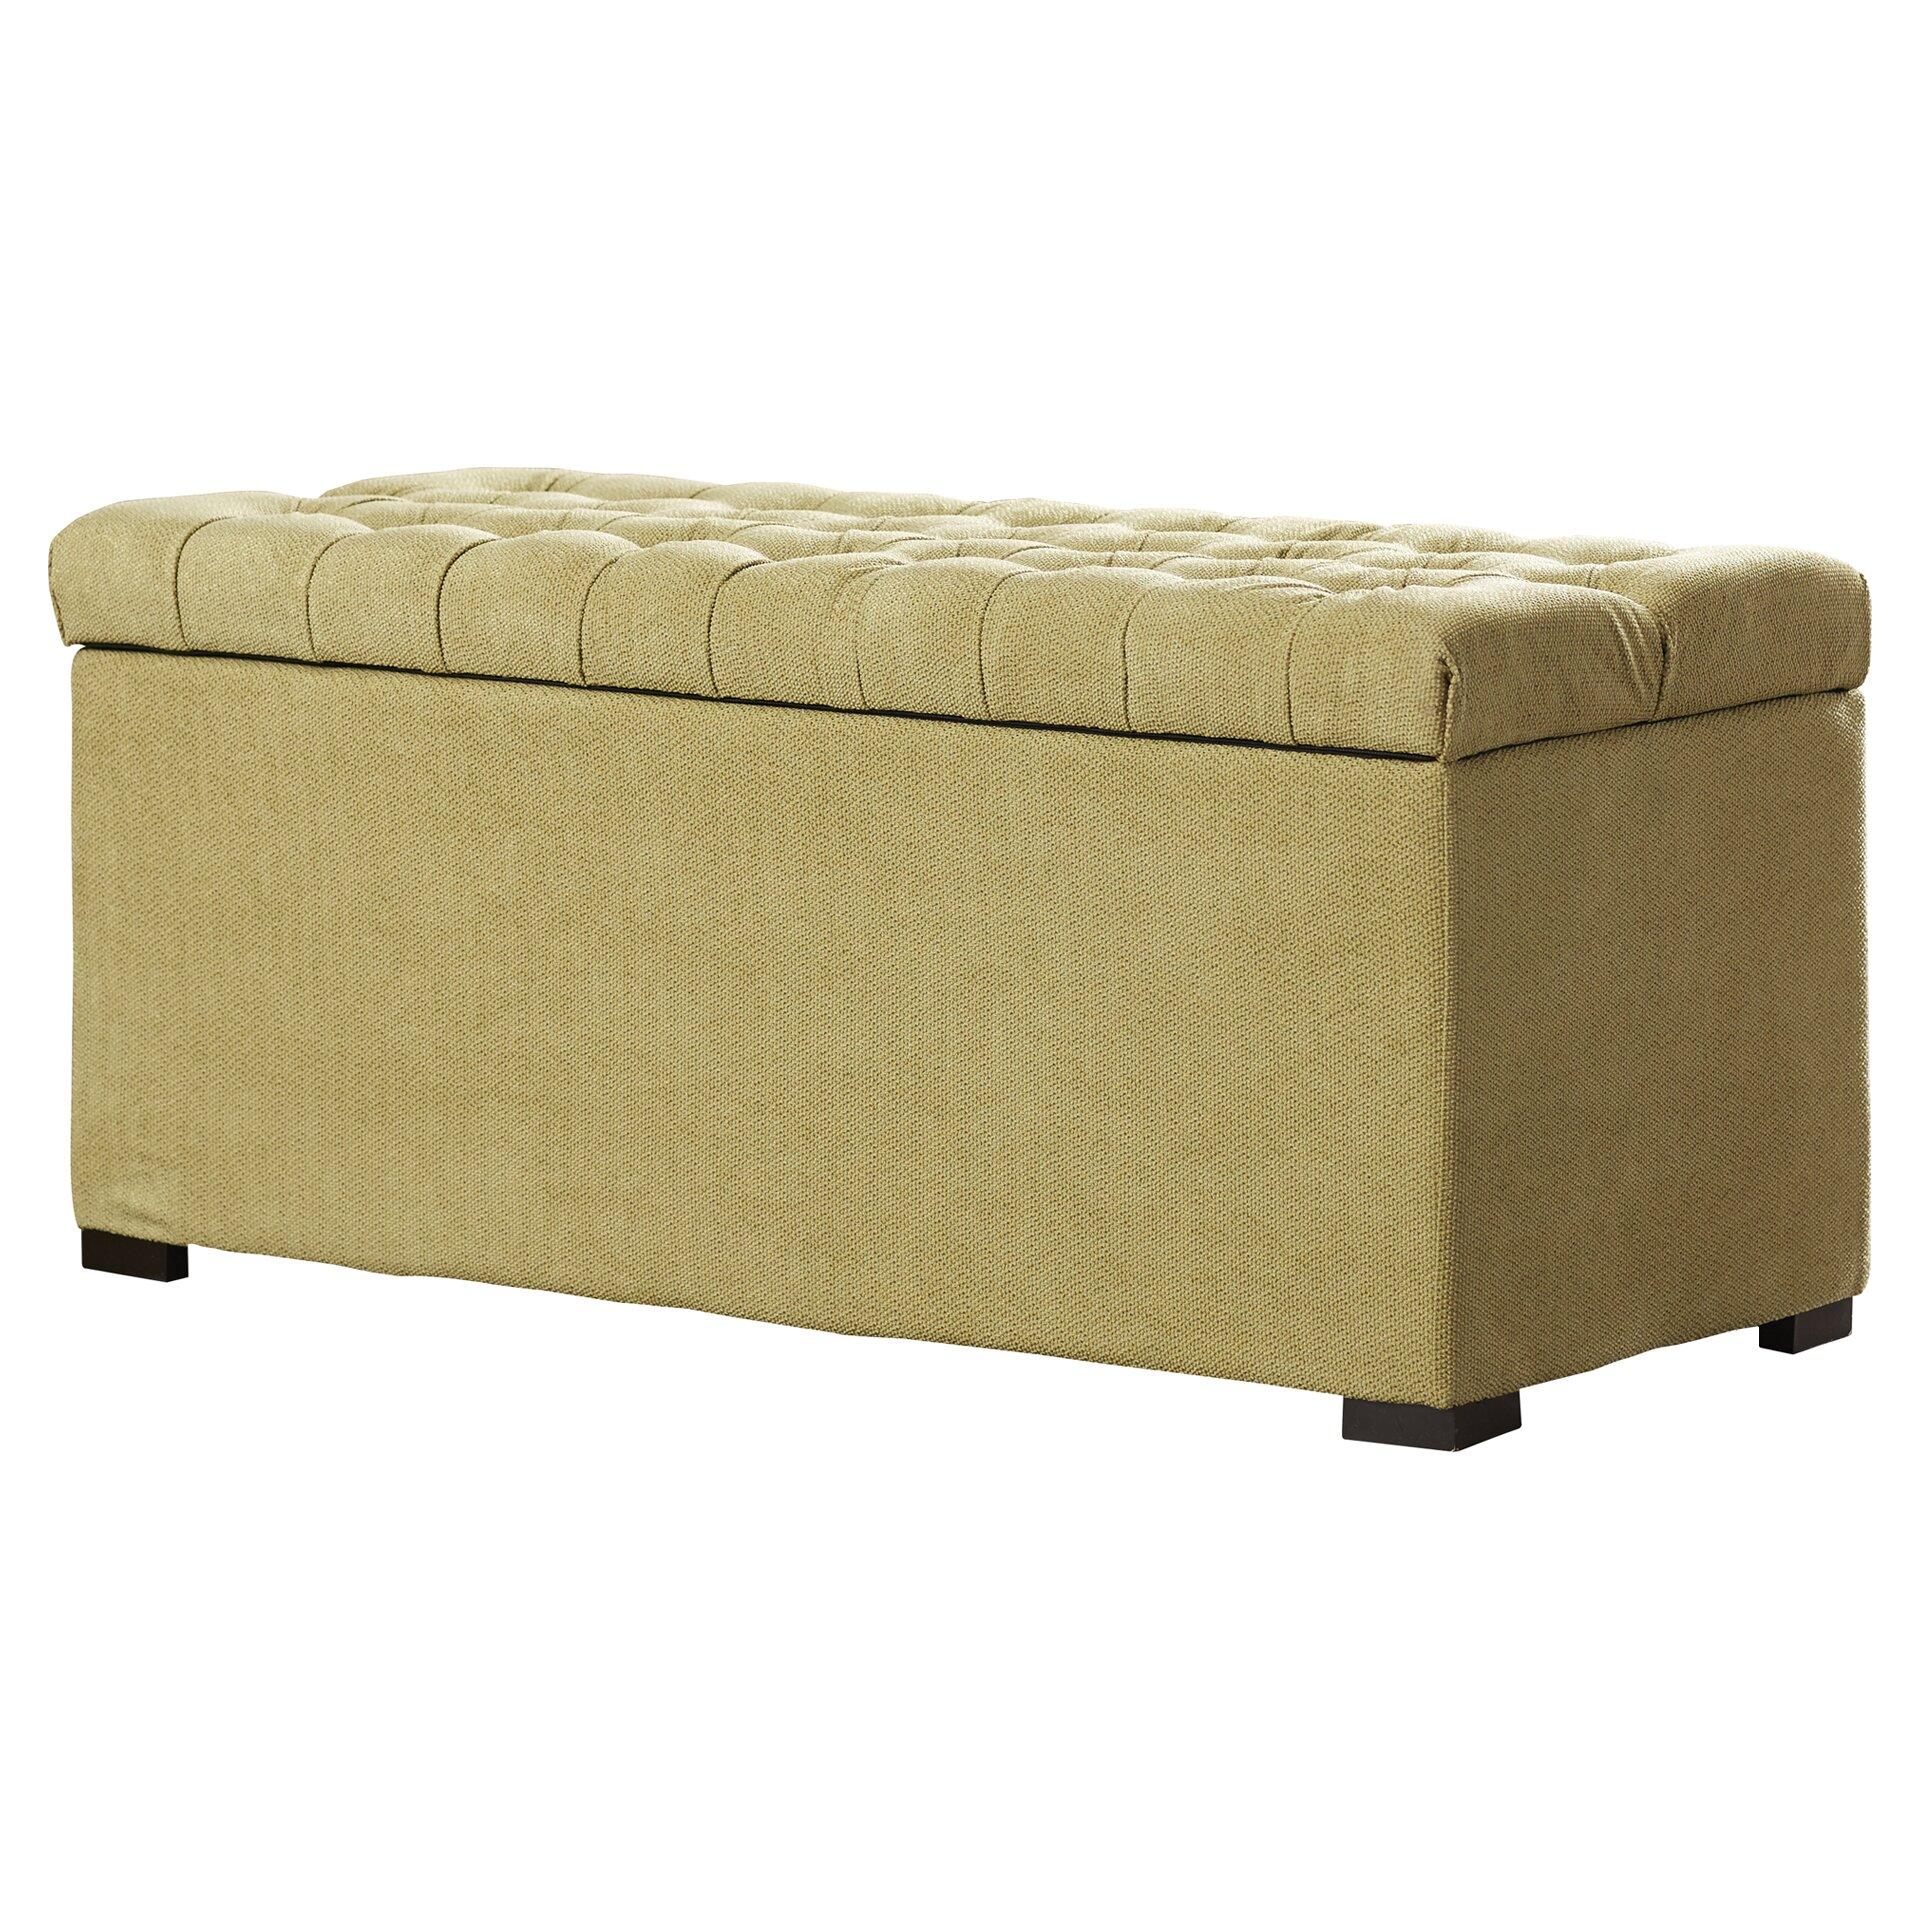 Red barrel studio elk valley upholstered storage bedroom bench reviews wayfair - Bedroom benches with storage ...